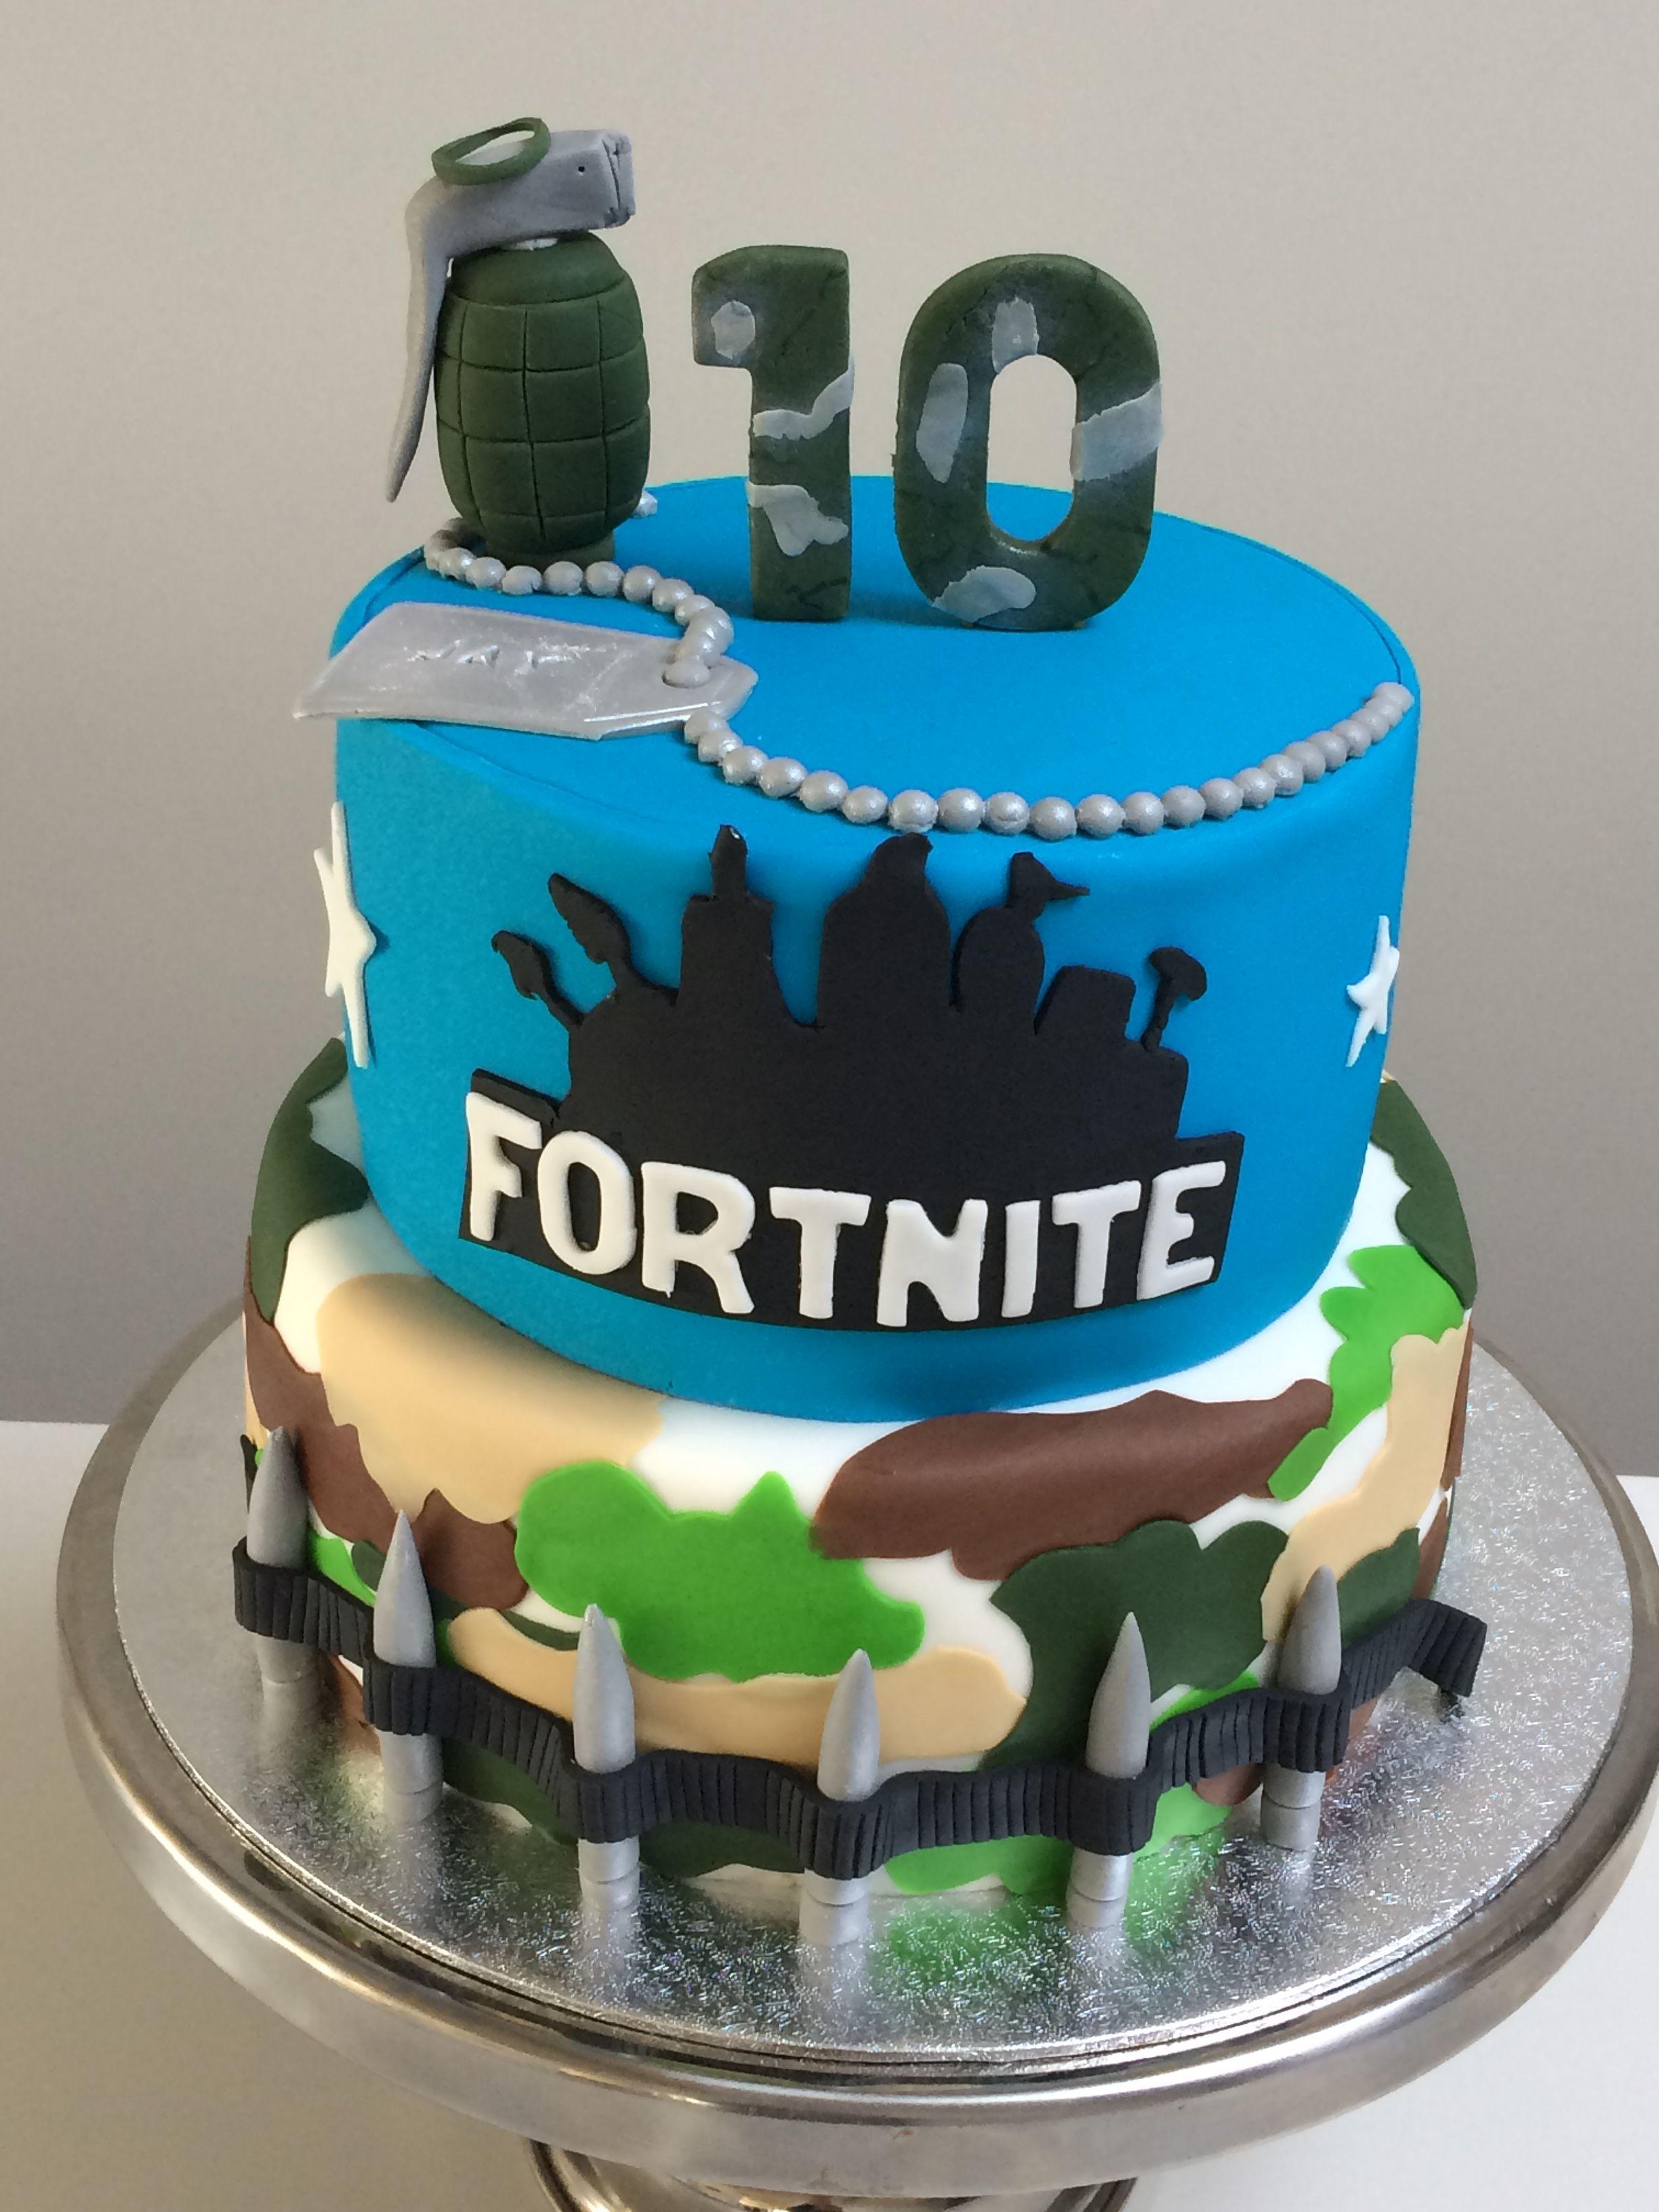 Fortnite taart Verjaardagstaart ideeën, Verjaardag